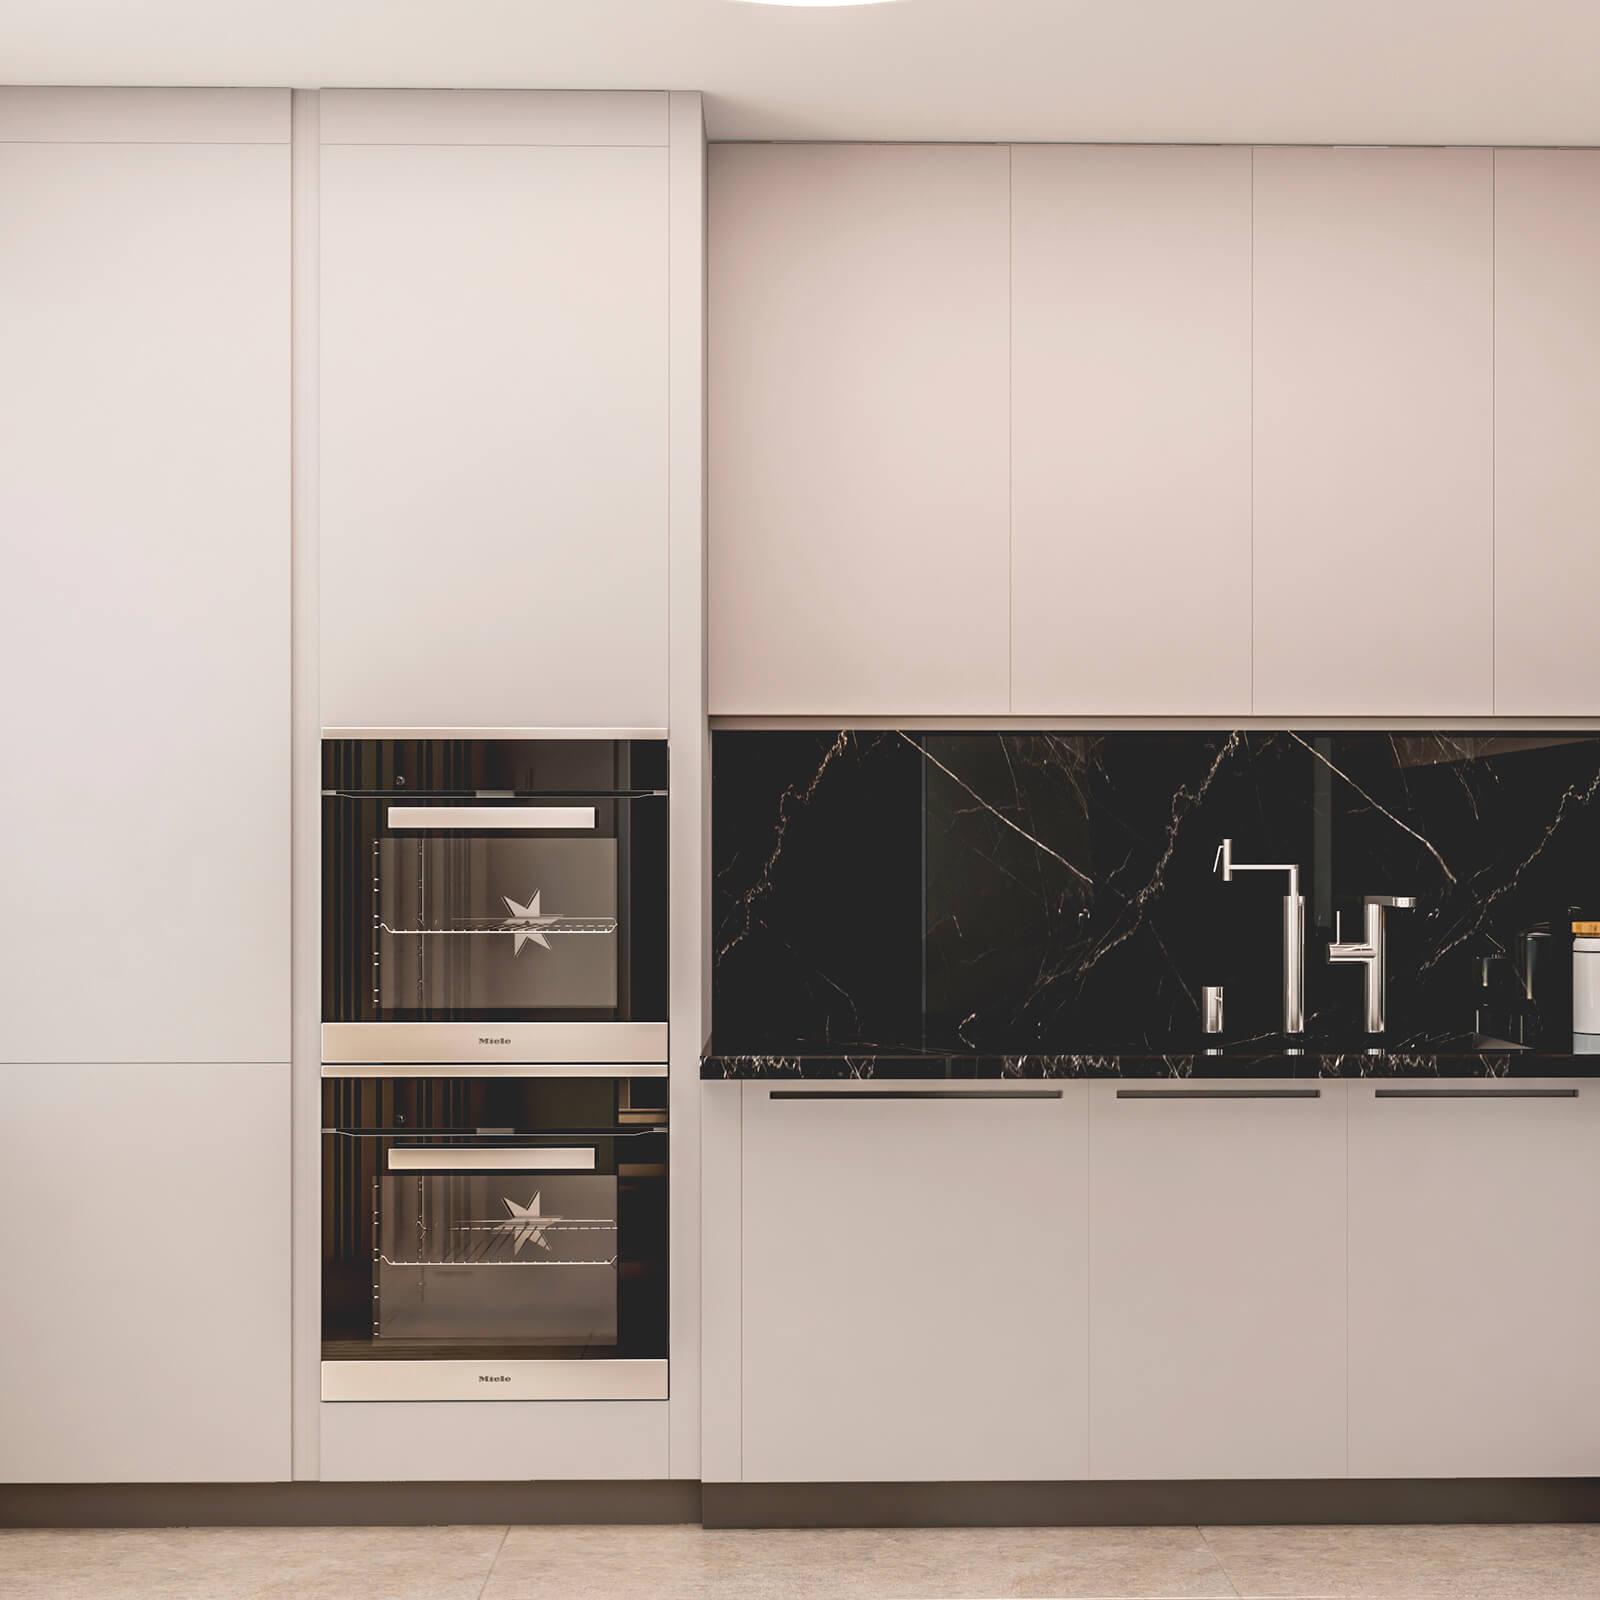 interioren-dizain-proekt-na-kunia-interioren-proekt-blu